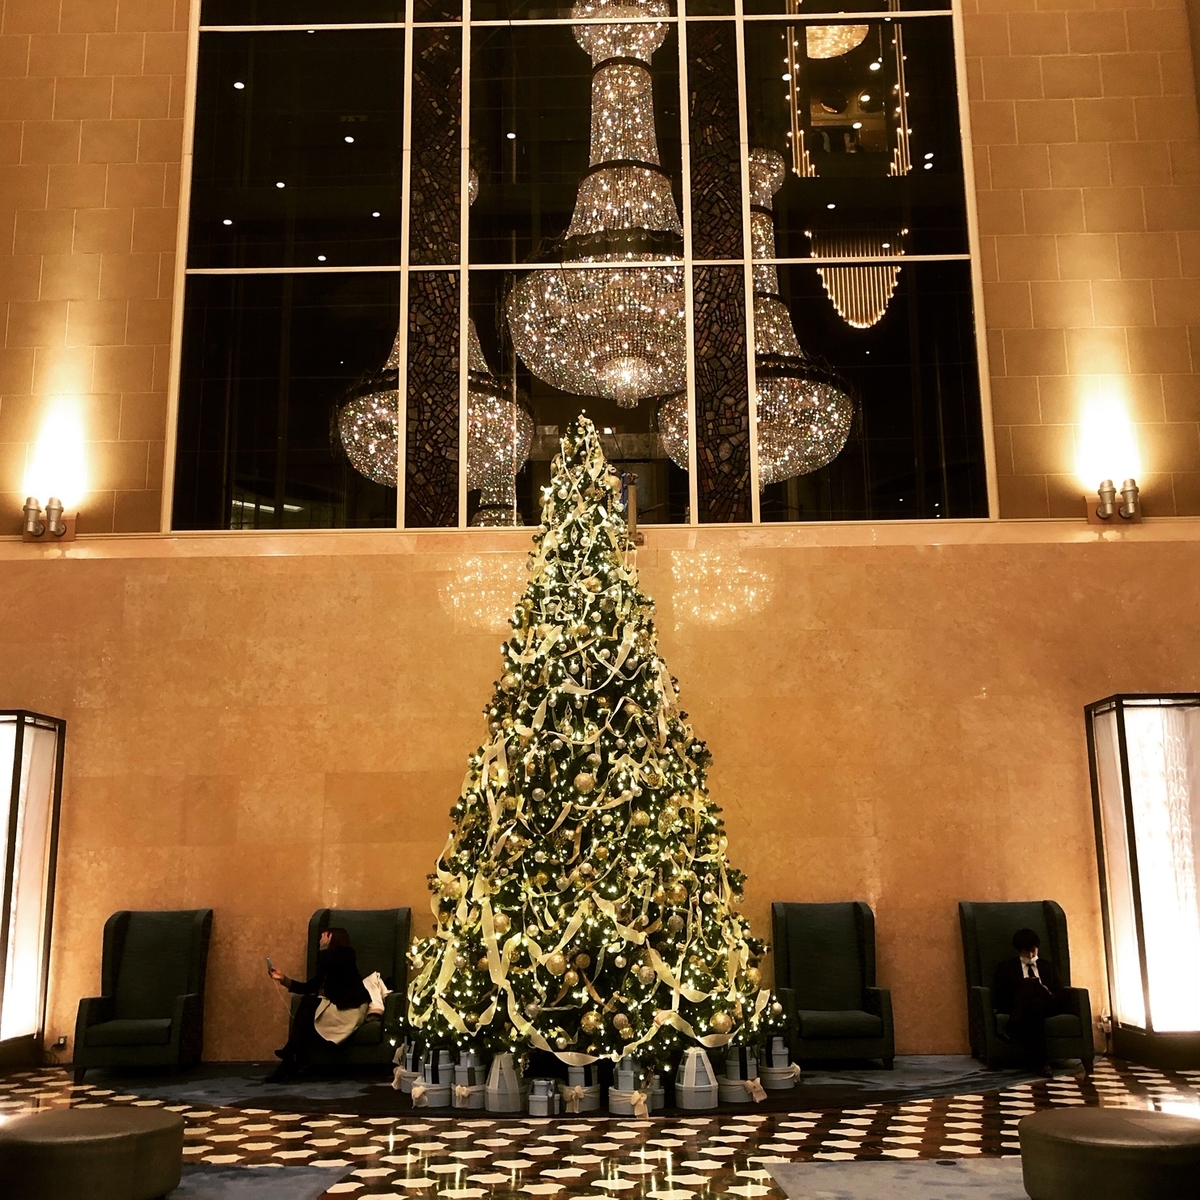 クリスマスツリー,クリスマス,おうちクリスマス